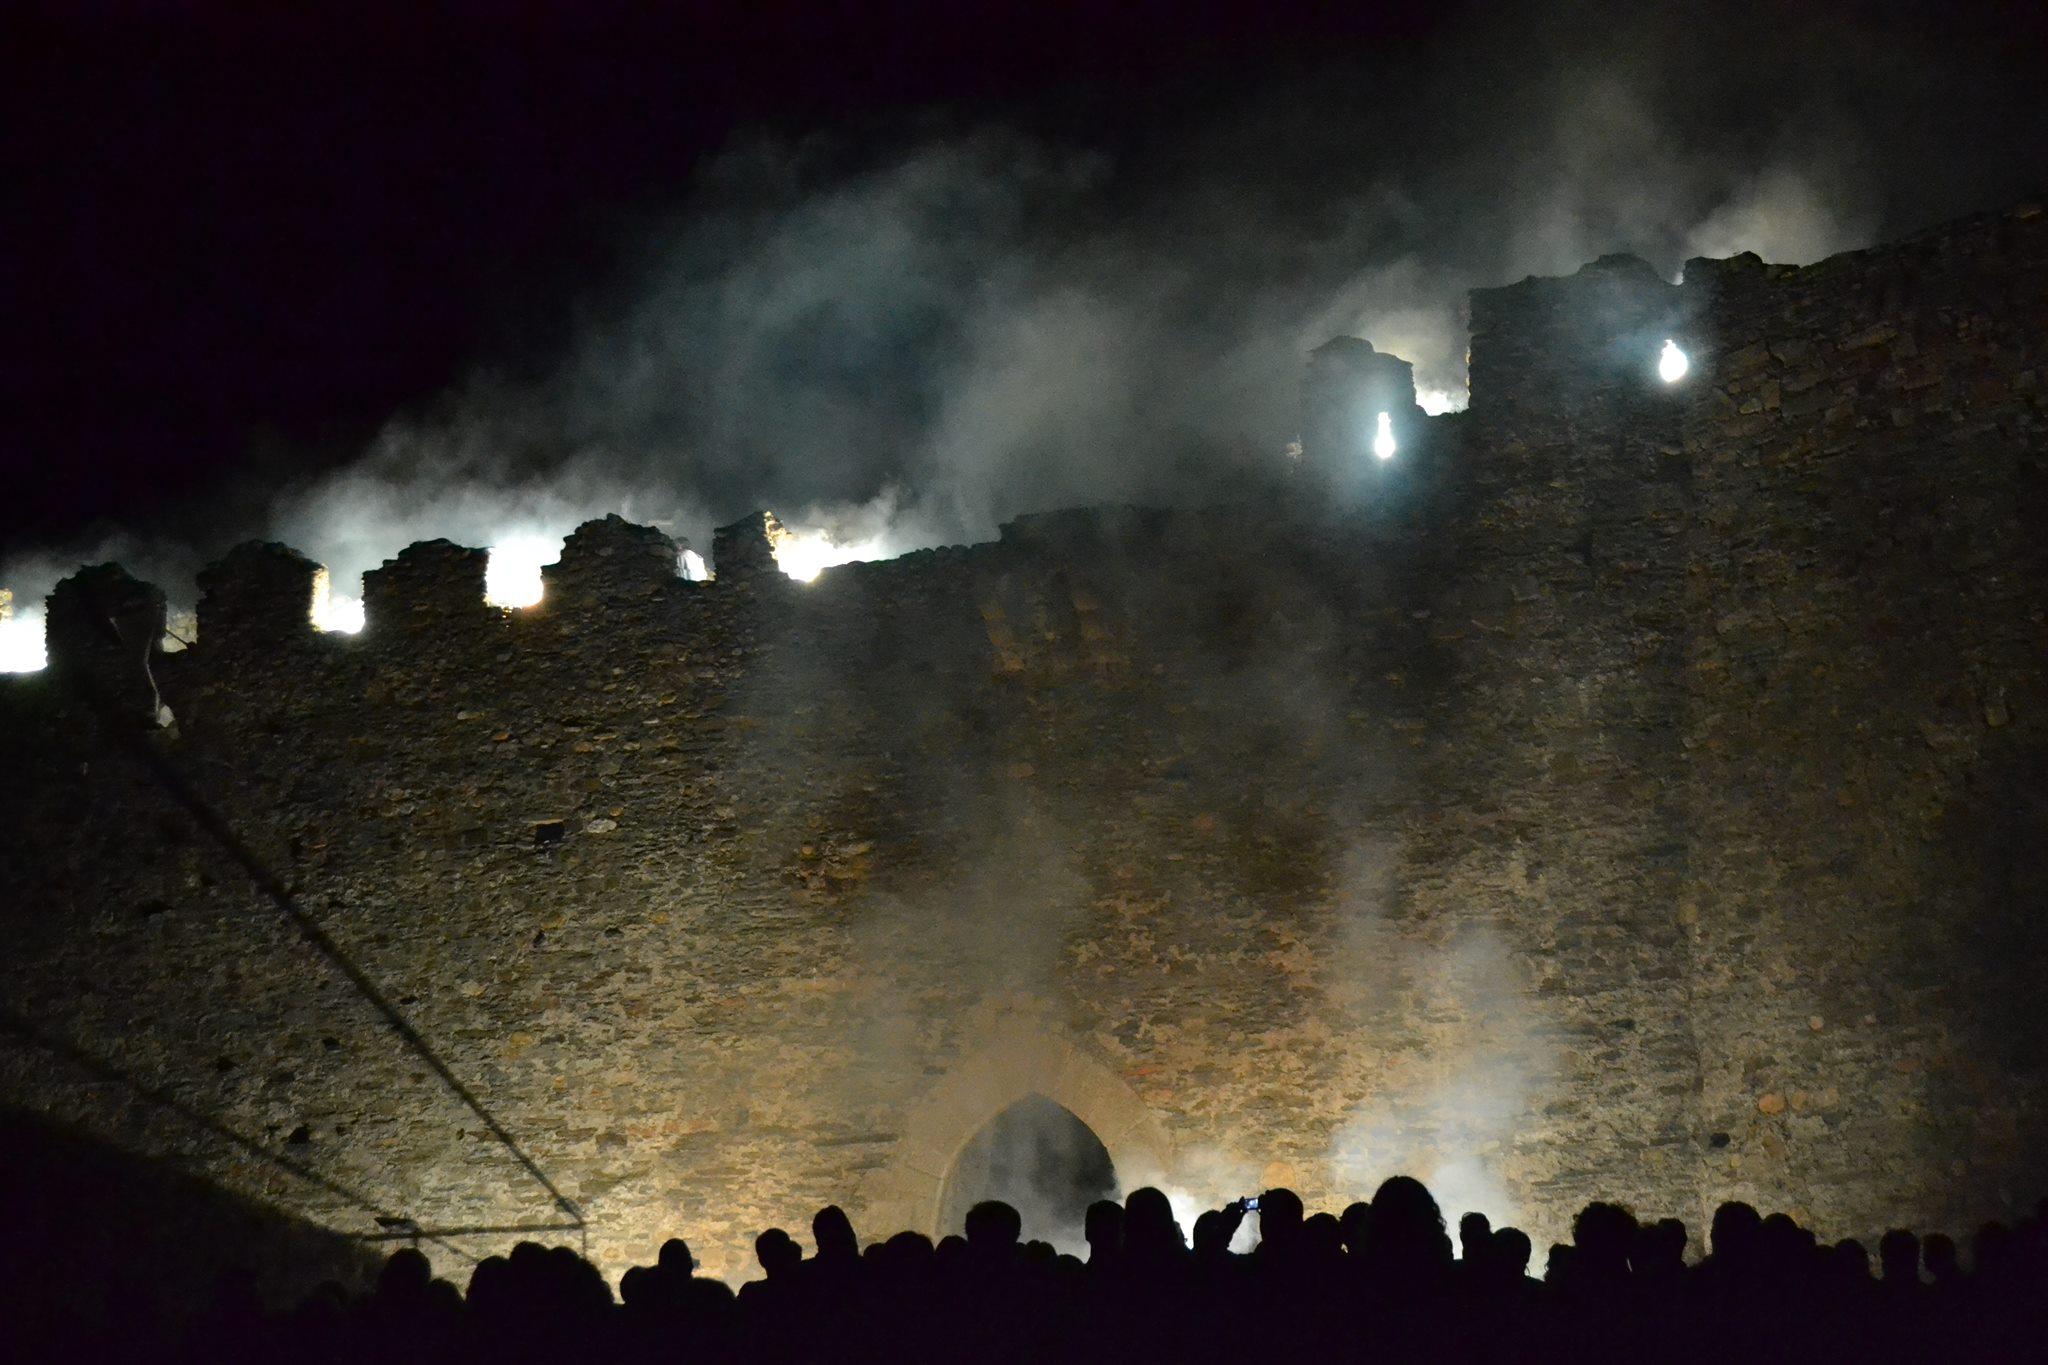 EL SR. DE BEMBIBRE (La leyenda) - Visitas Nocturnas Teatralizadas al Castillo de Ponferrada 1